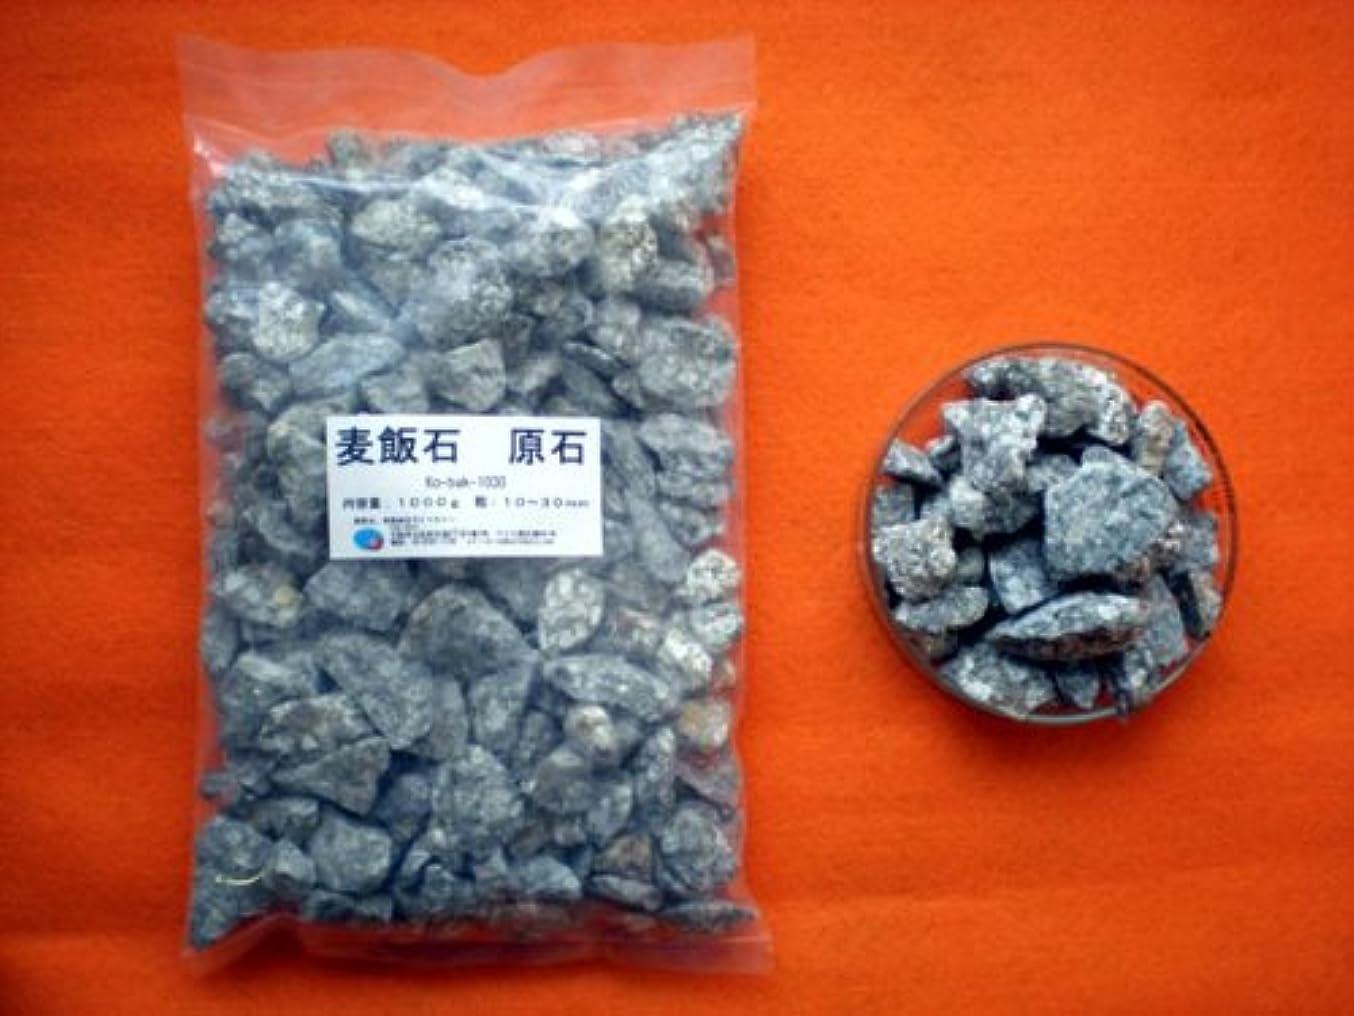 ひいきにするバンバックアップ麦飯石 原石 [美濃白川町] 1000g/サイズ10-30mm